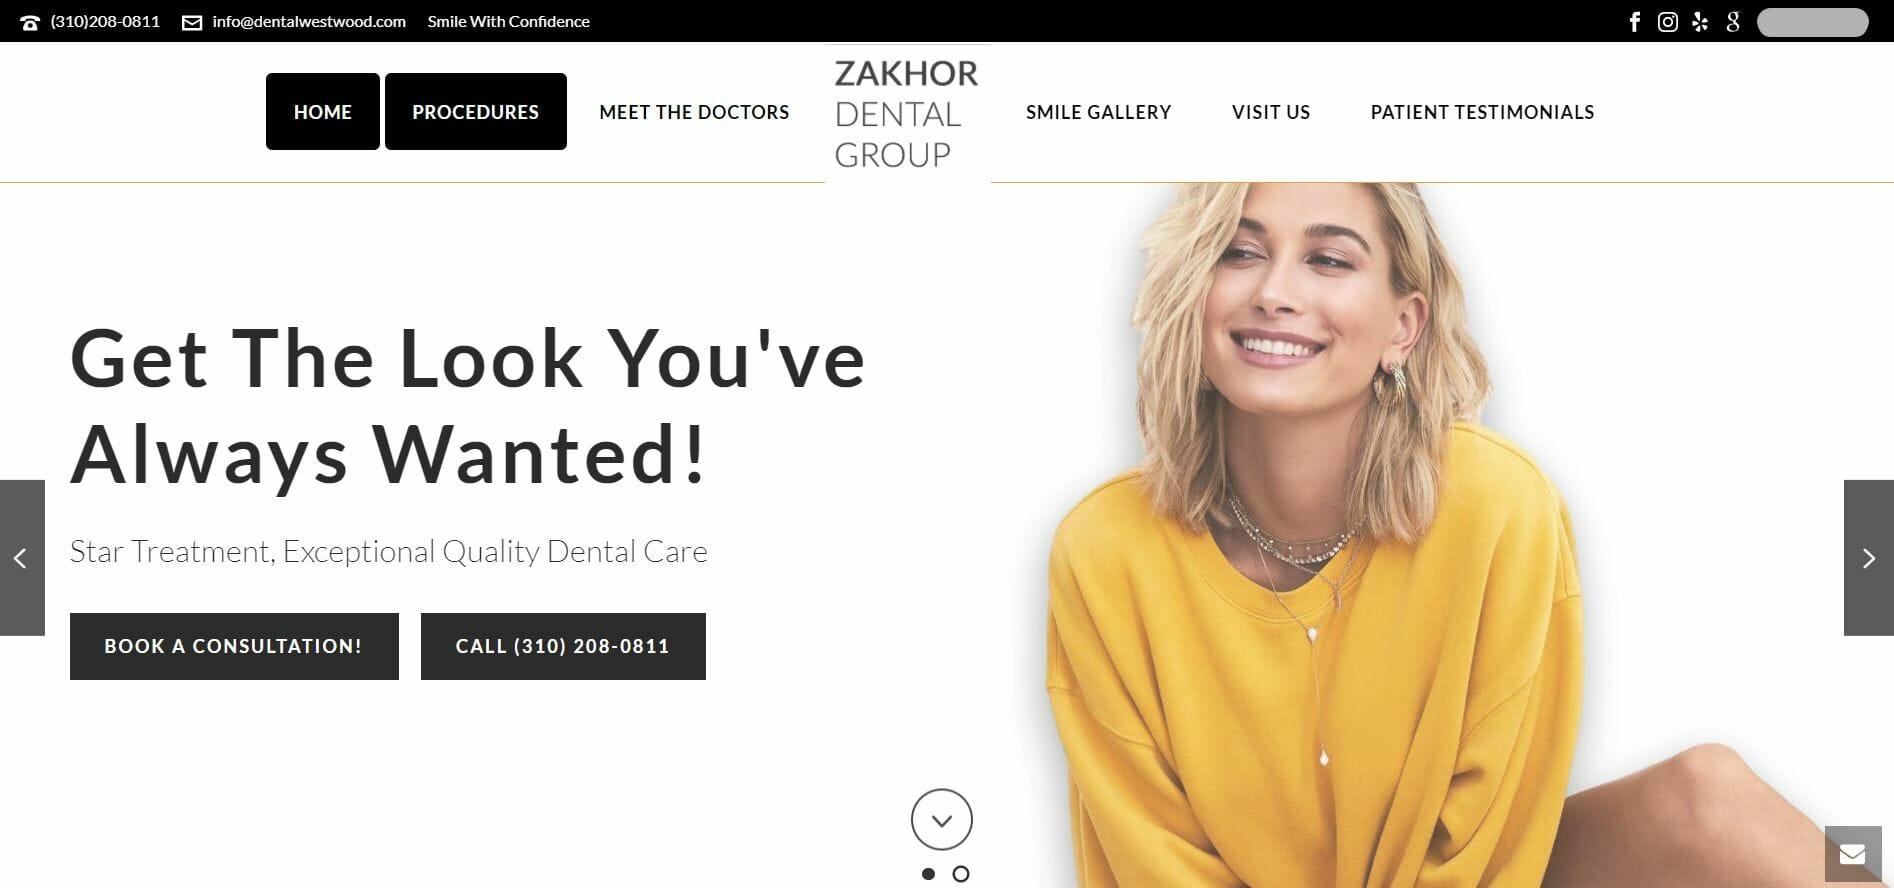 dental marketing plan website example 2